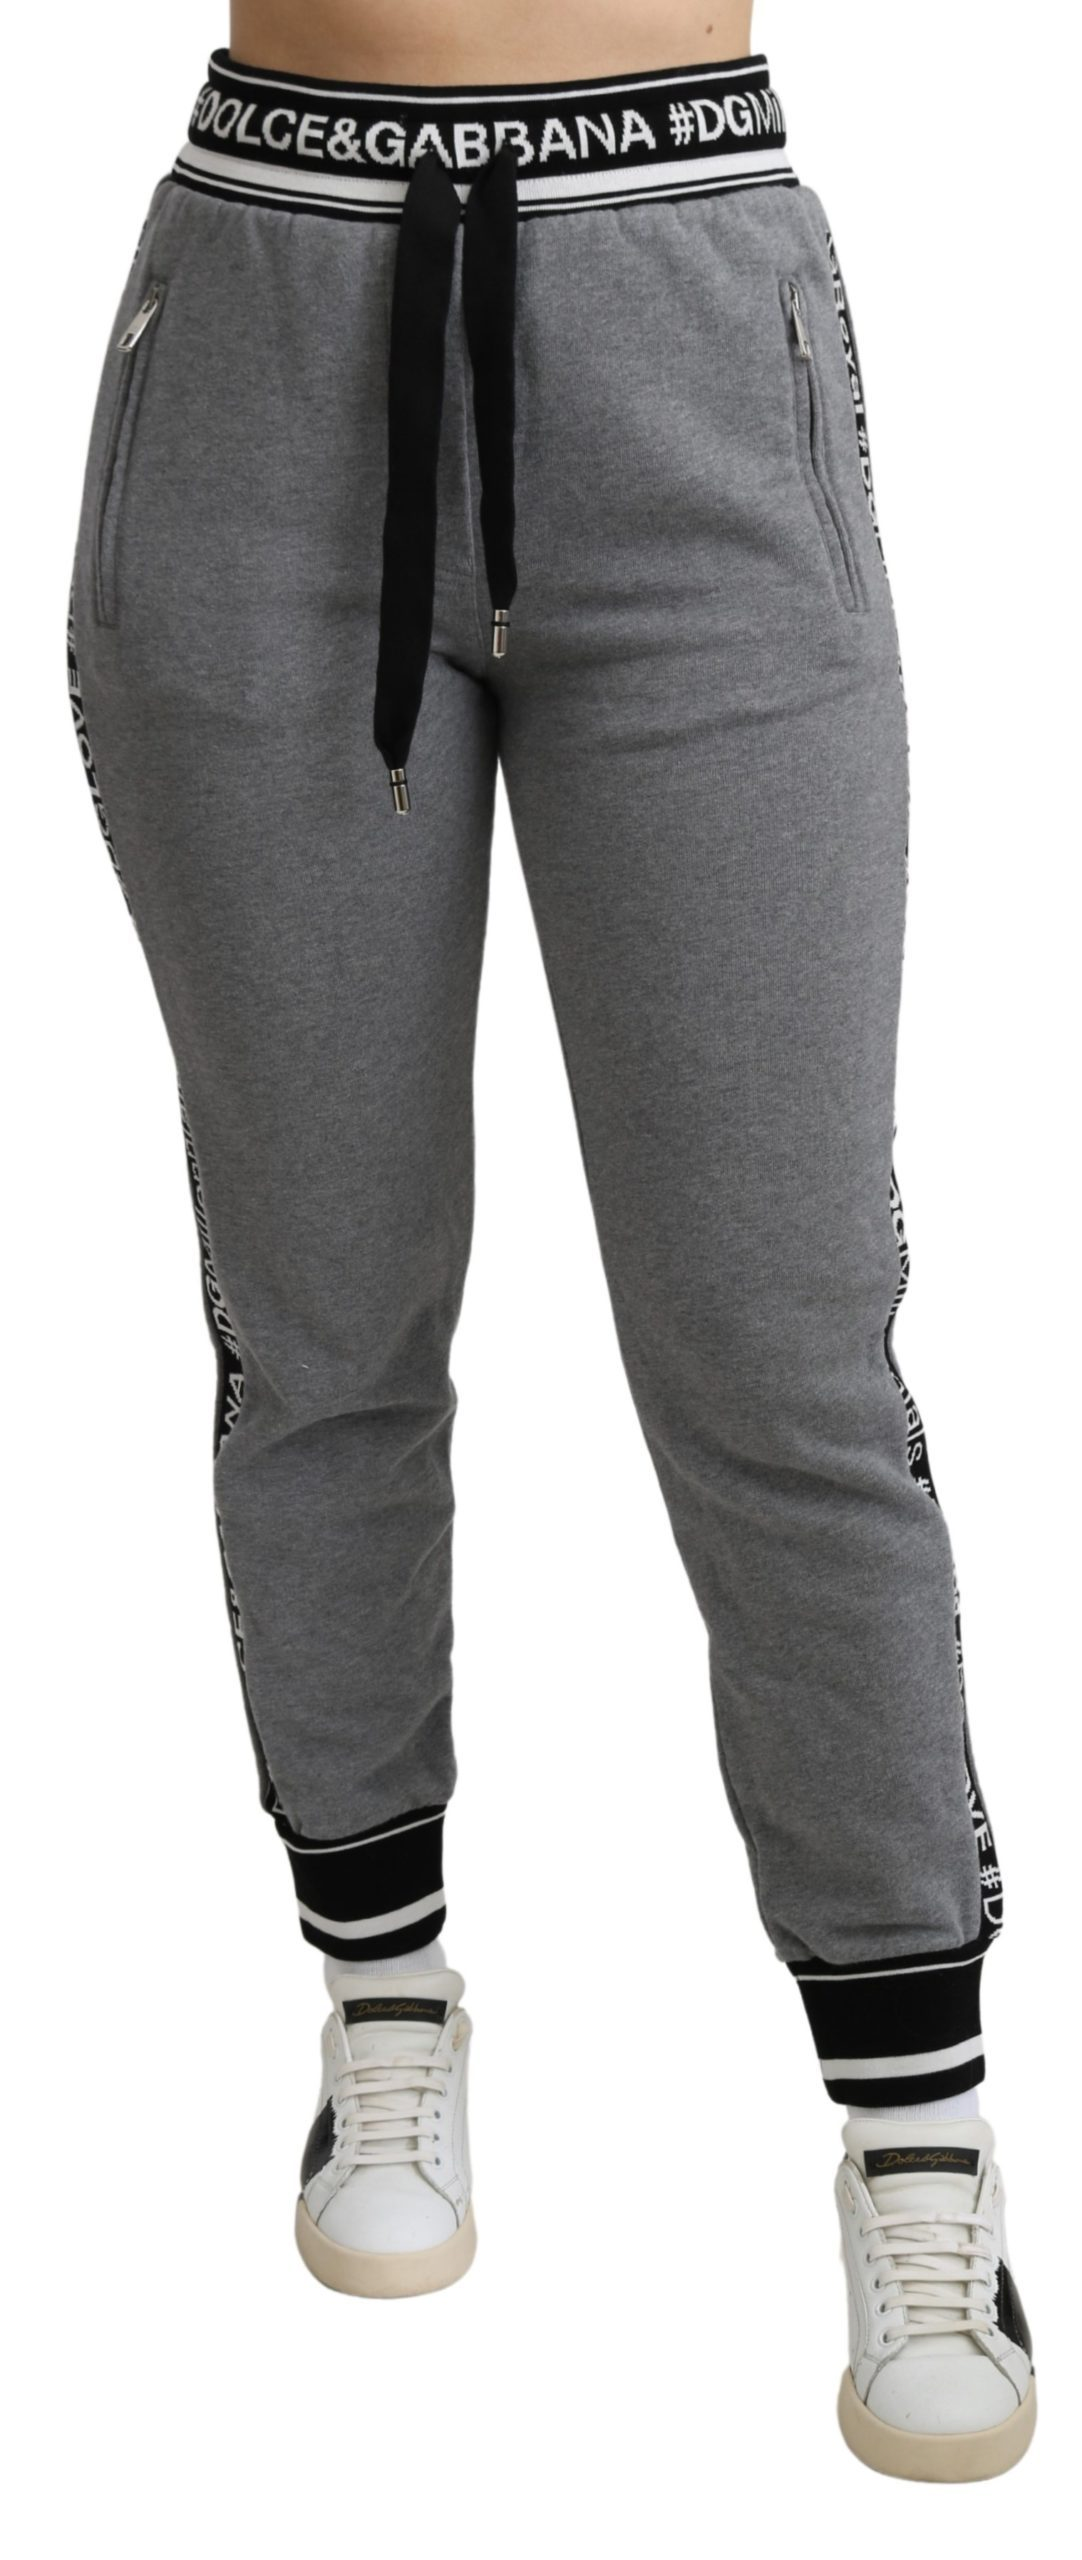 Dolce & Gabbana Womens Jogging Cotton Trouser Gray PAN71286 - IT42|M